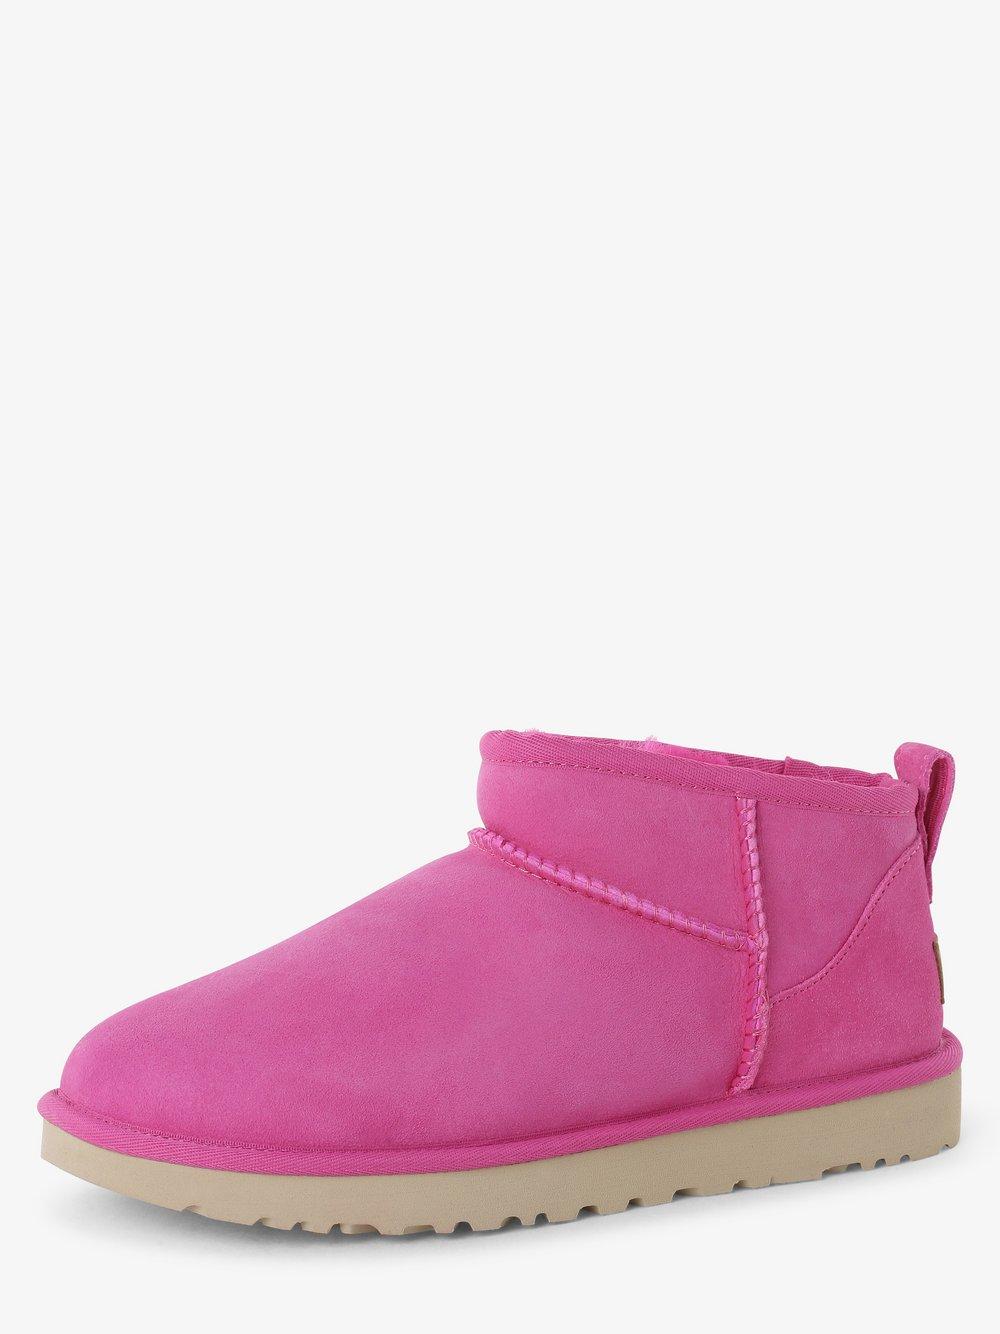 UGG – Skórzane kozaki damskie – Classic Ultra Mini, różowy Van Graaf 478458-0003-00400